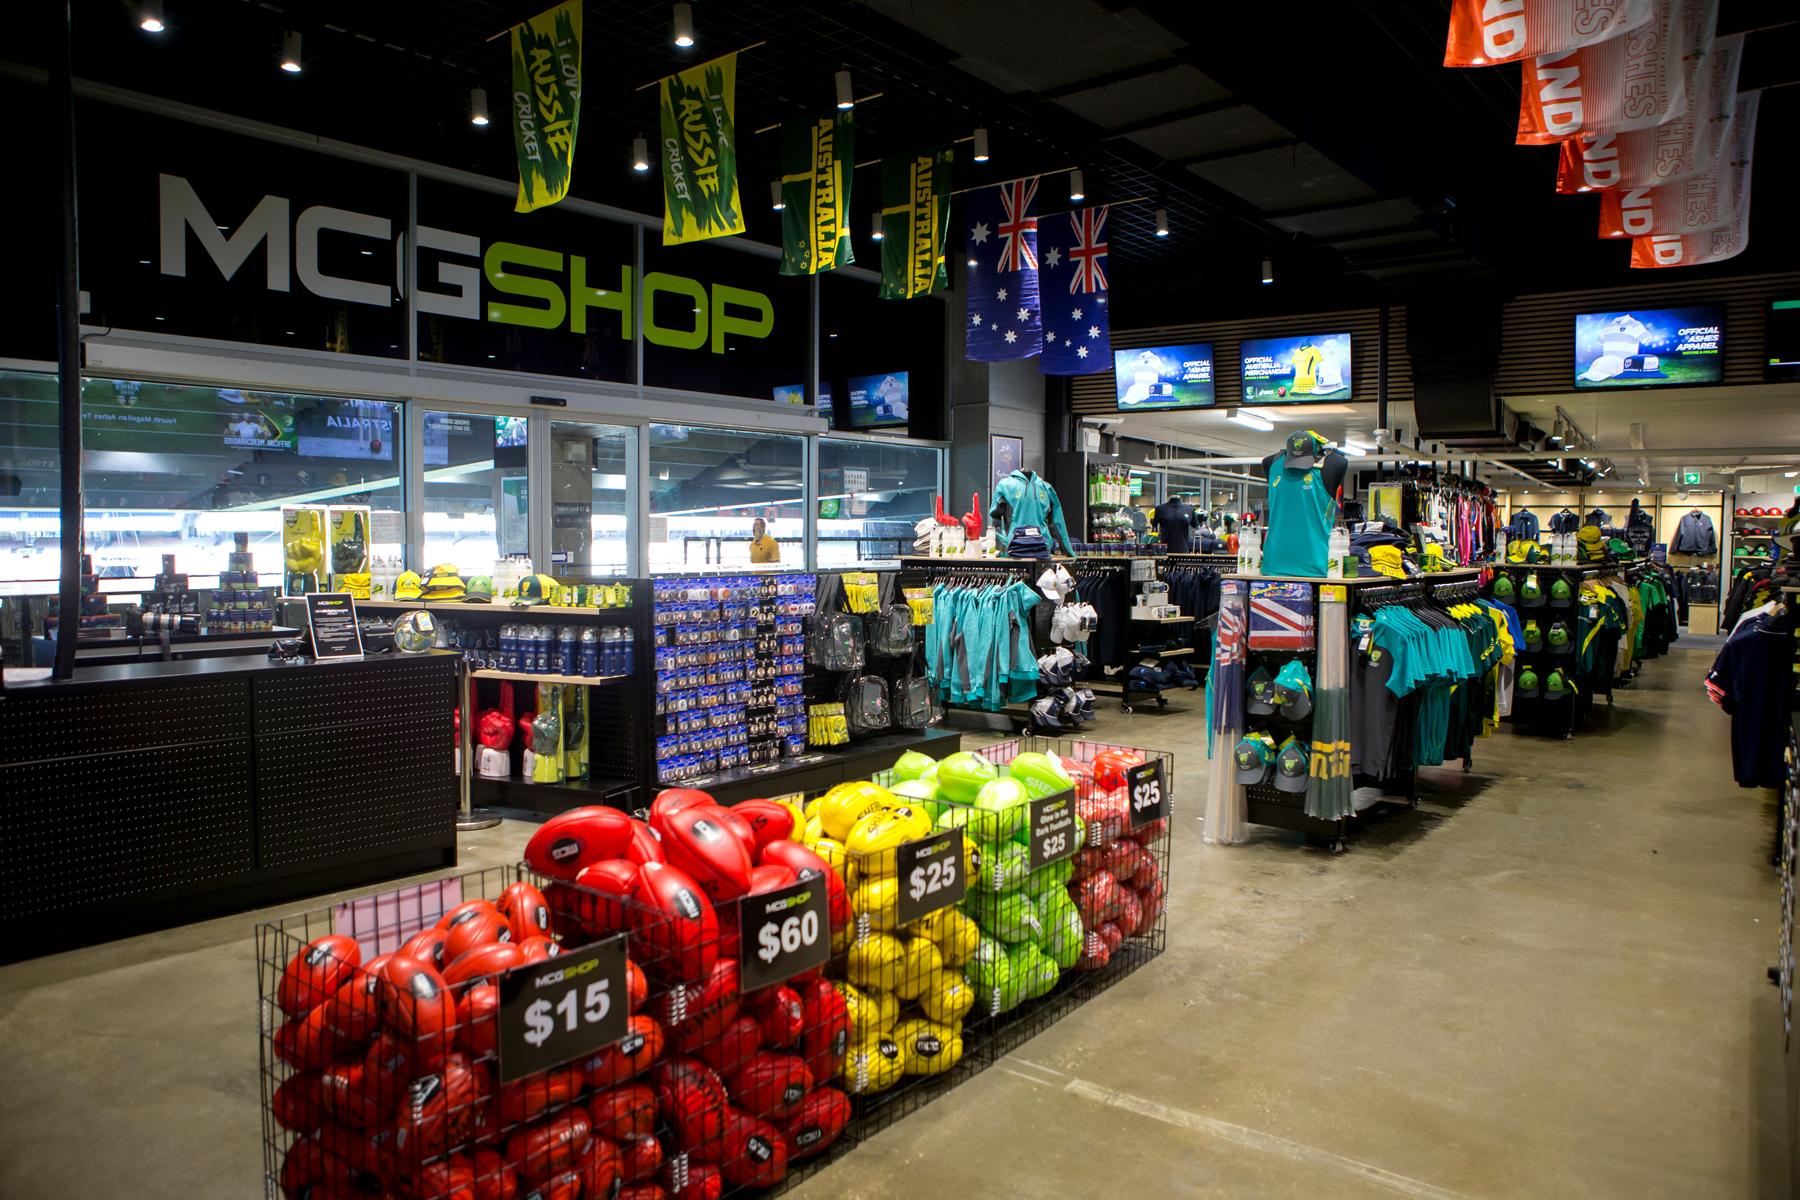 MCG Shop